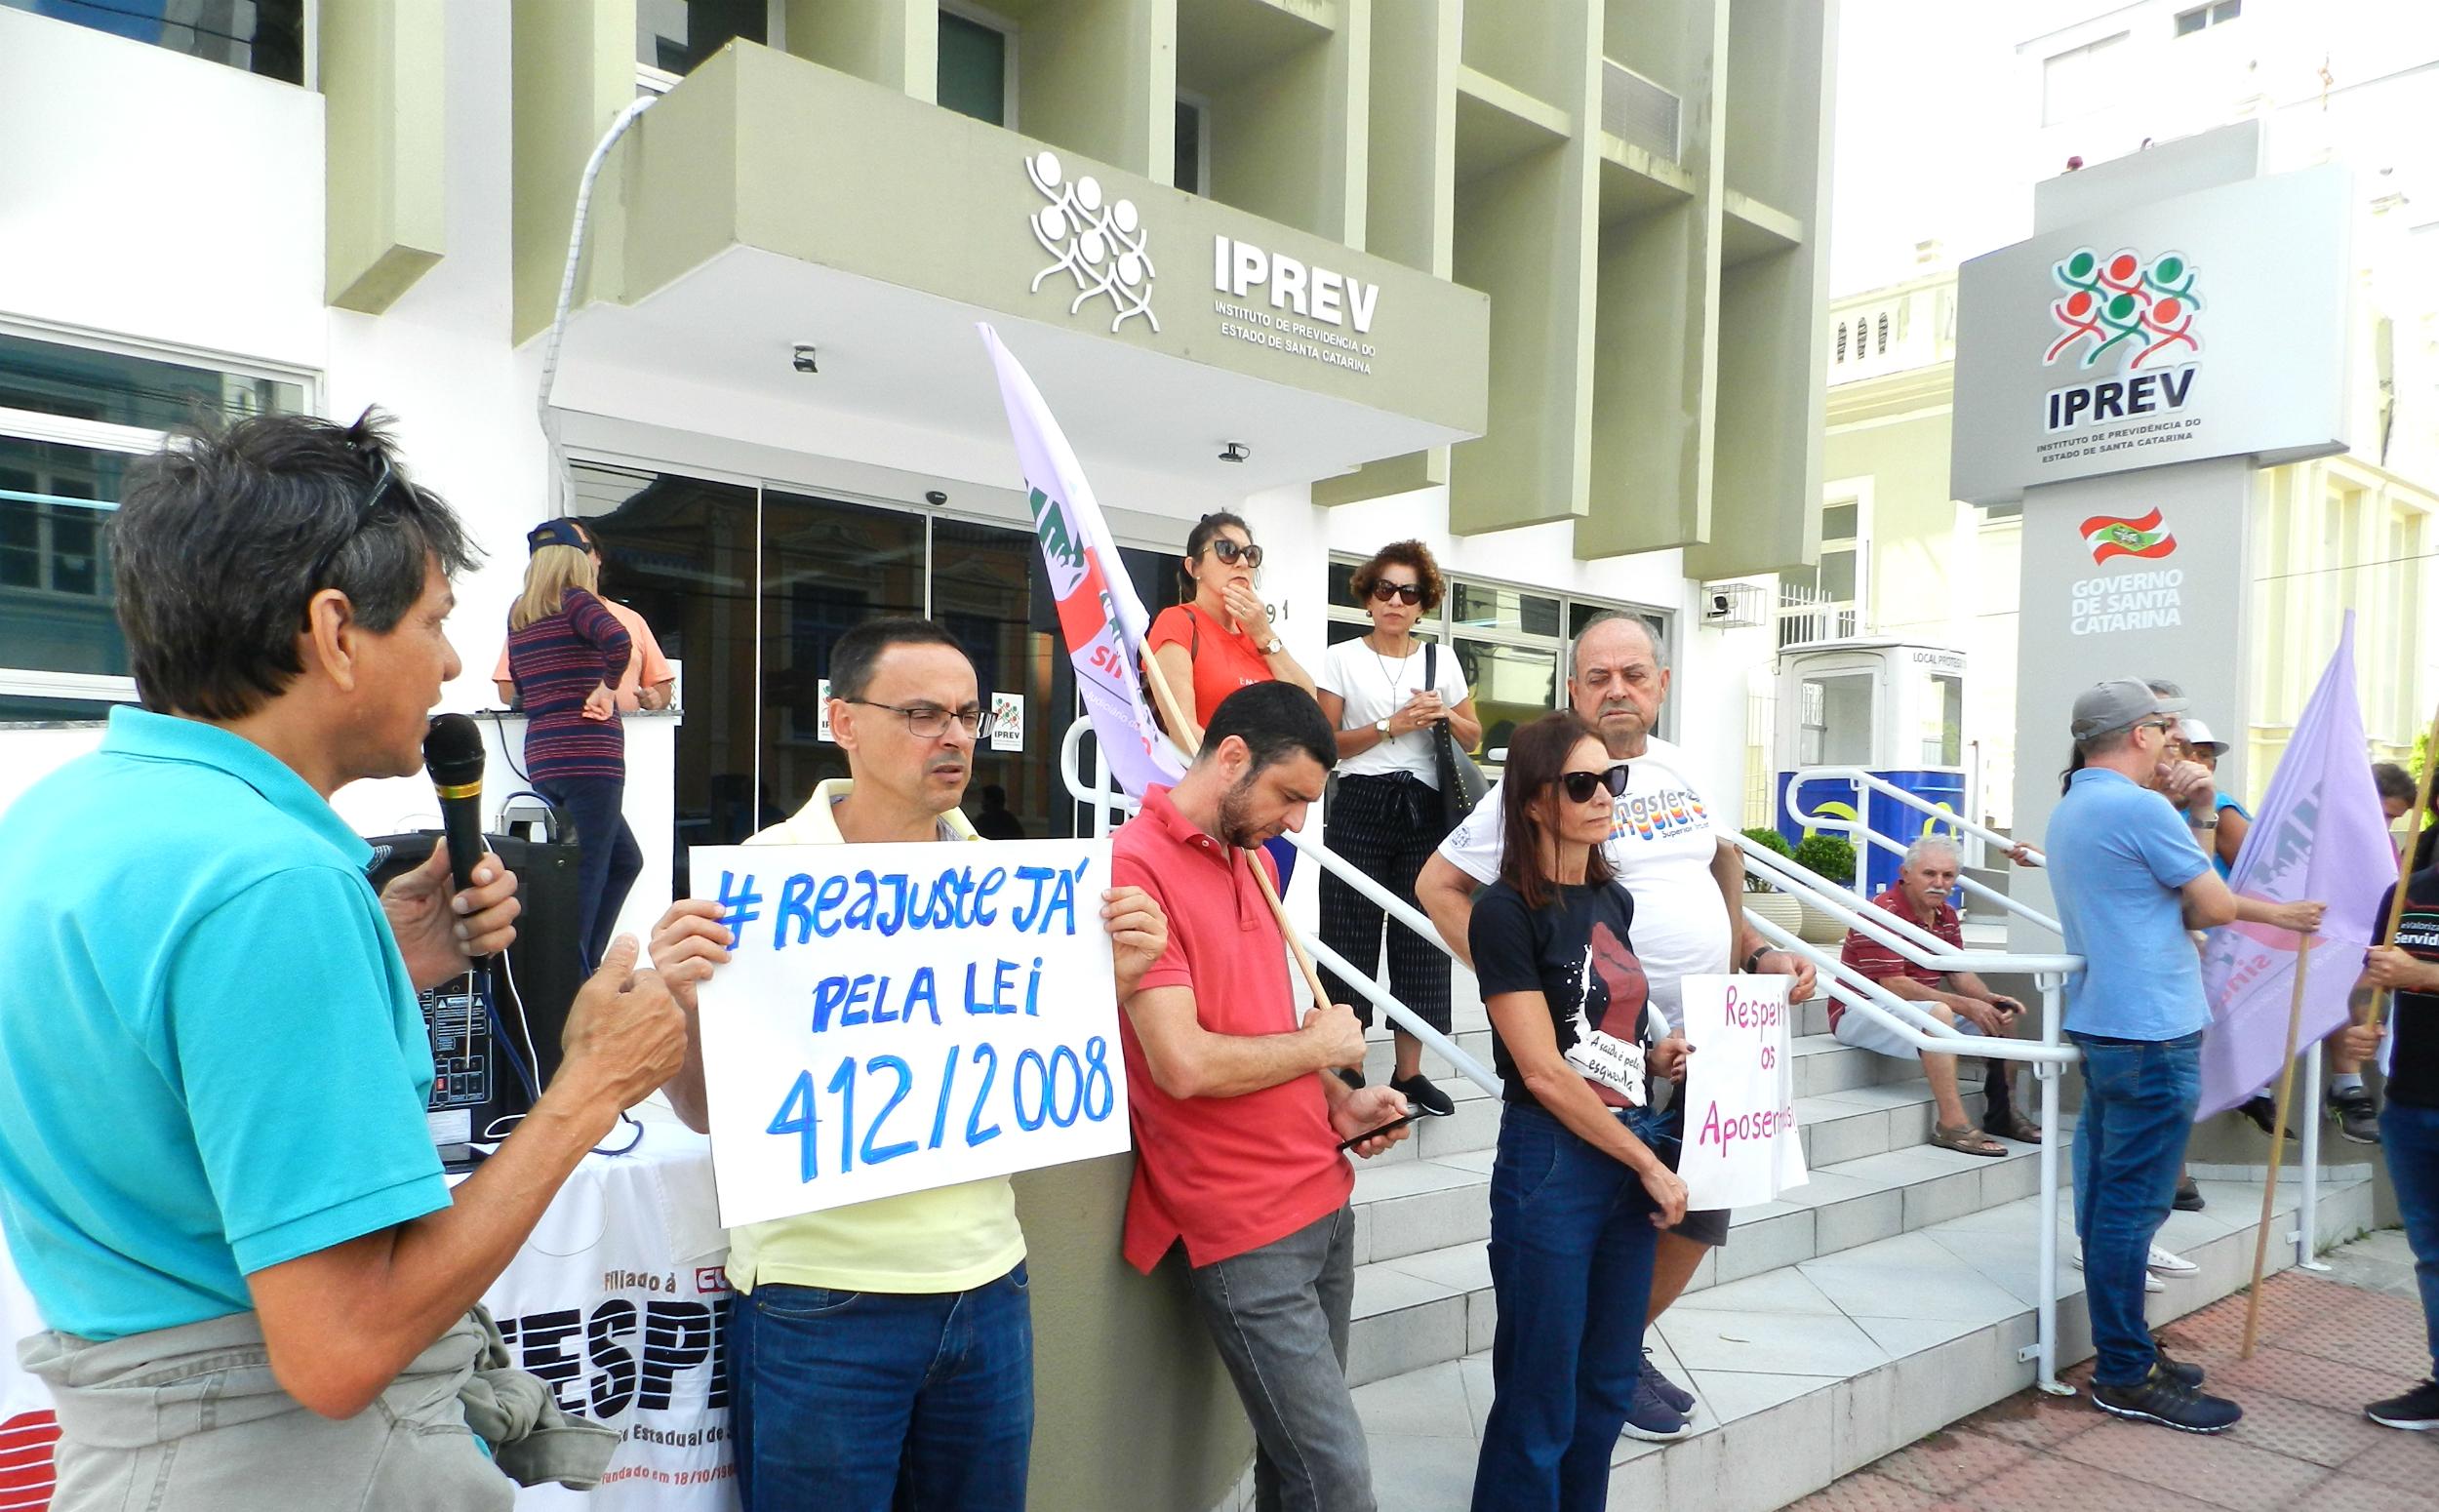 Ato conjunto do Sintespe, Sinjusc, Simpe e SindSaúde no dia 24 de janeiro no IPREV, em Florianópolis, cobrando o reajuste pela lei 412/2008